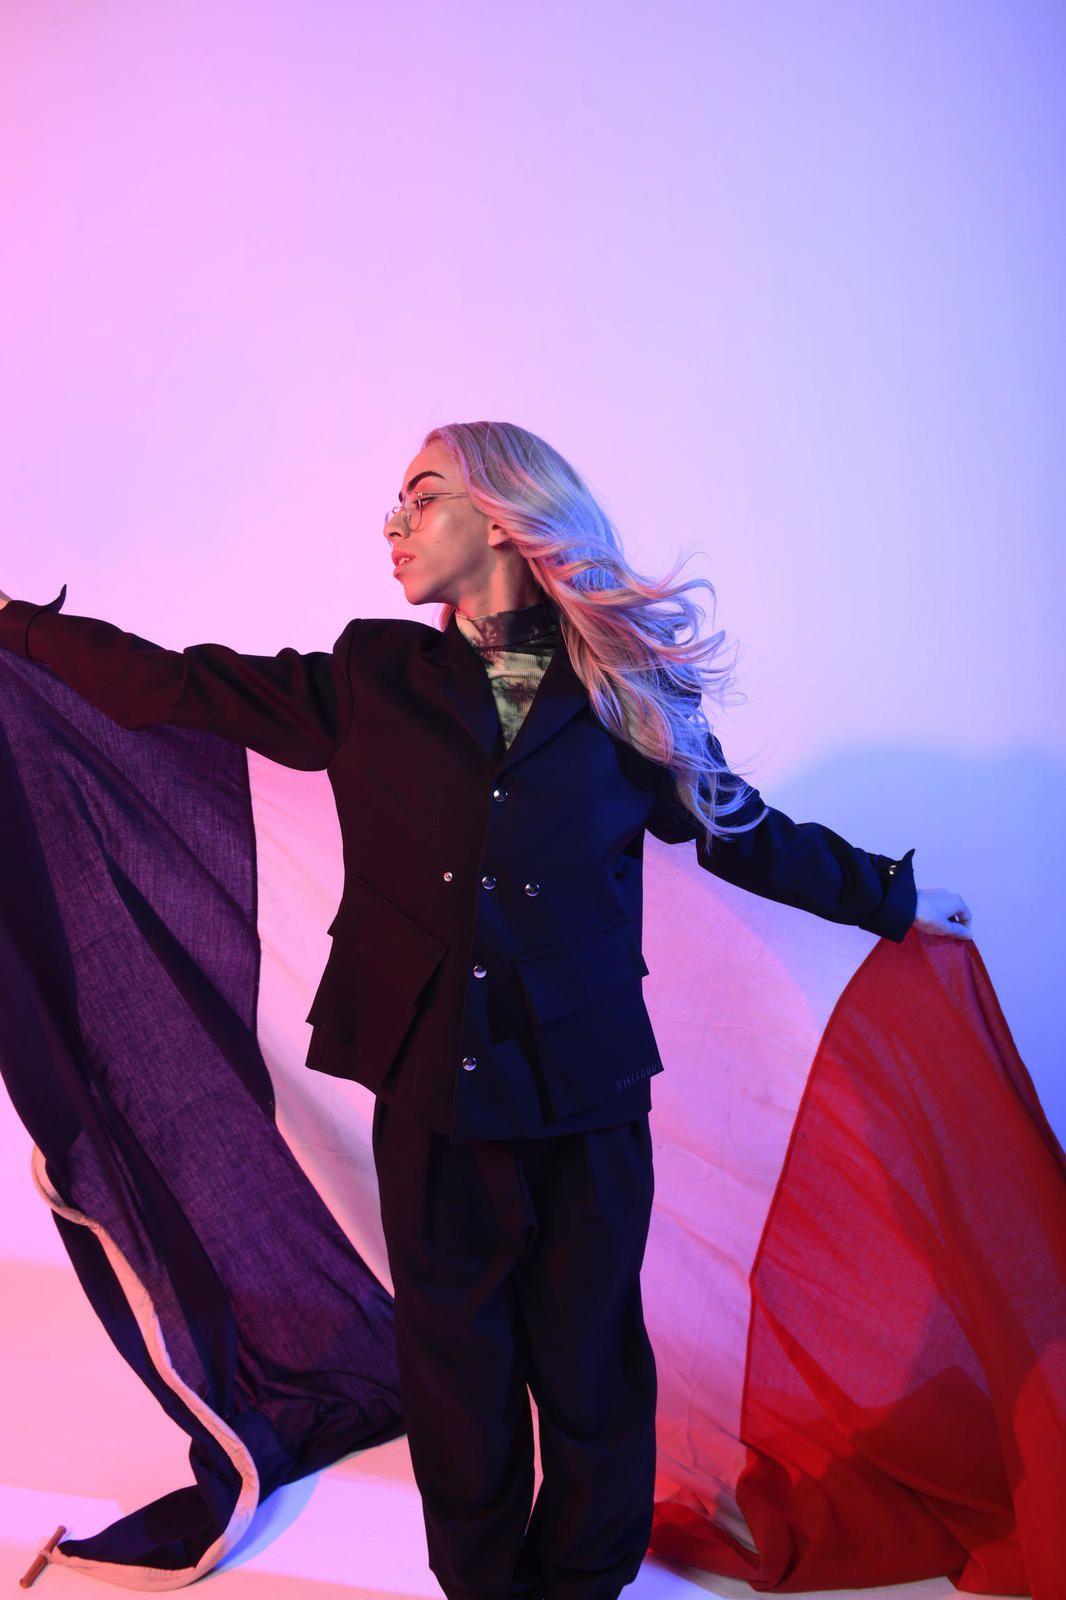 Le feuilleton du 13 heures, dès lundi sur France 2 : analyse du phénomène Eurovision dans plusieurs pays participants.